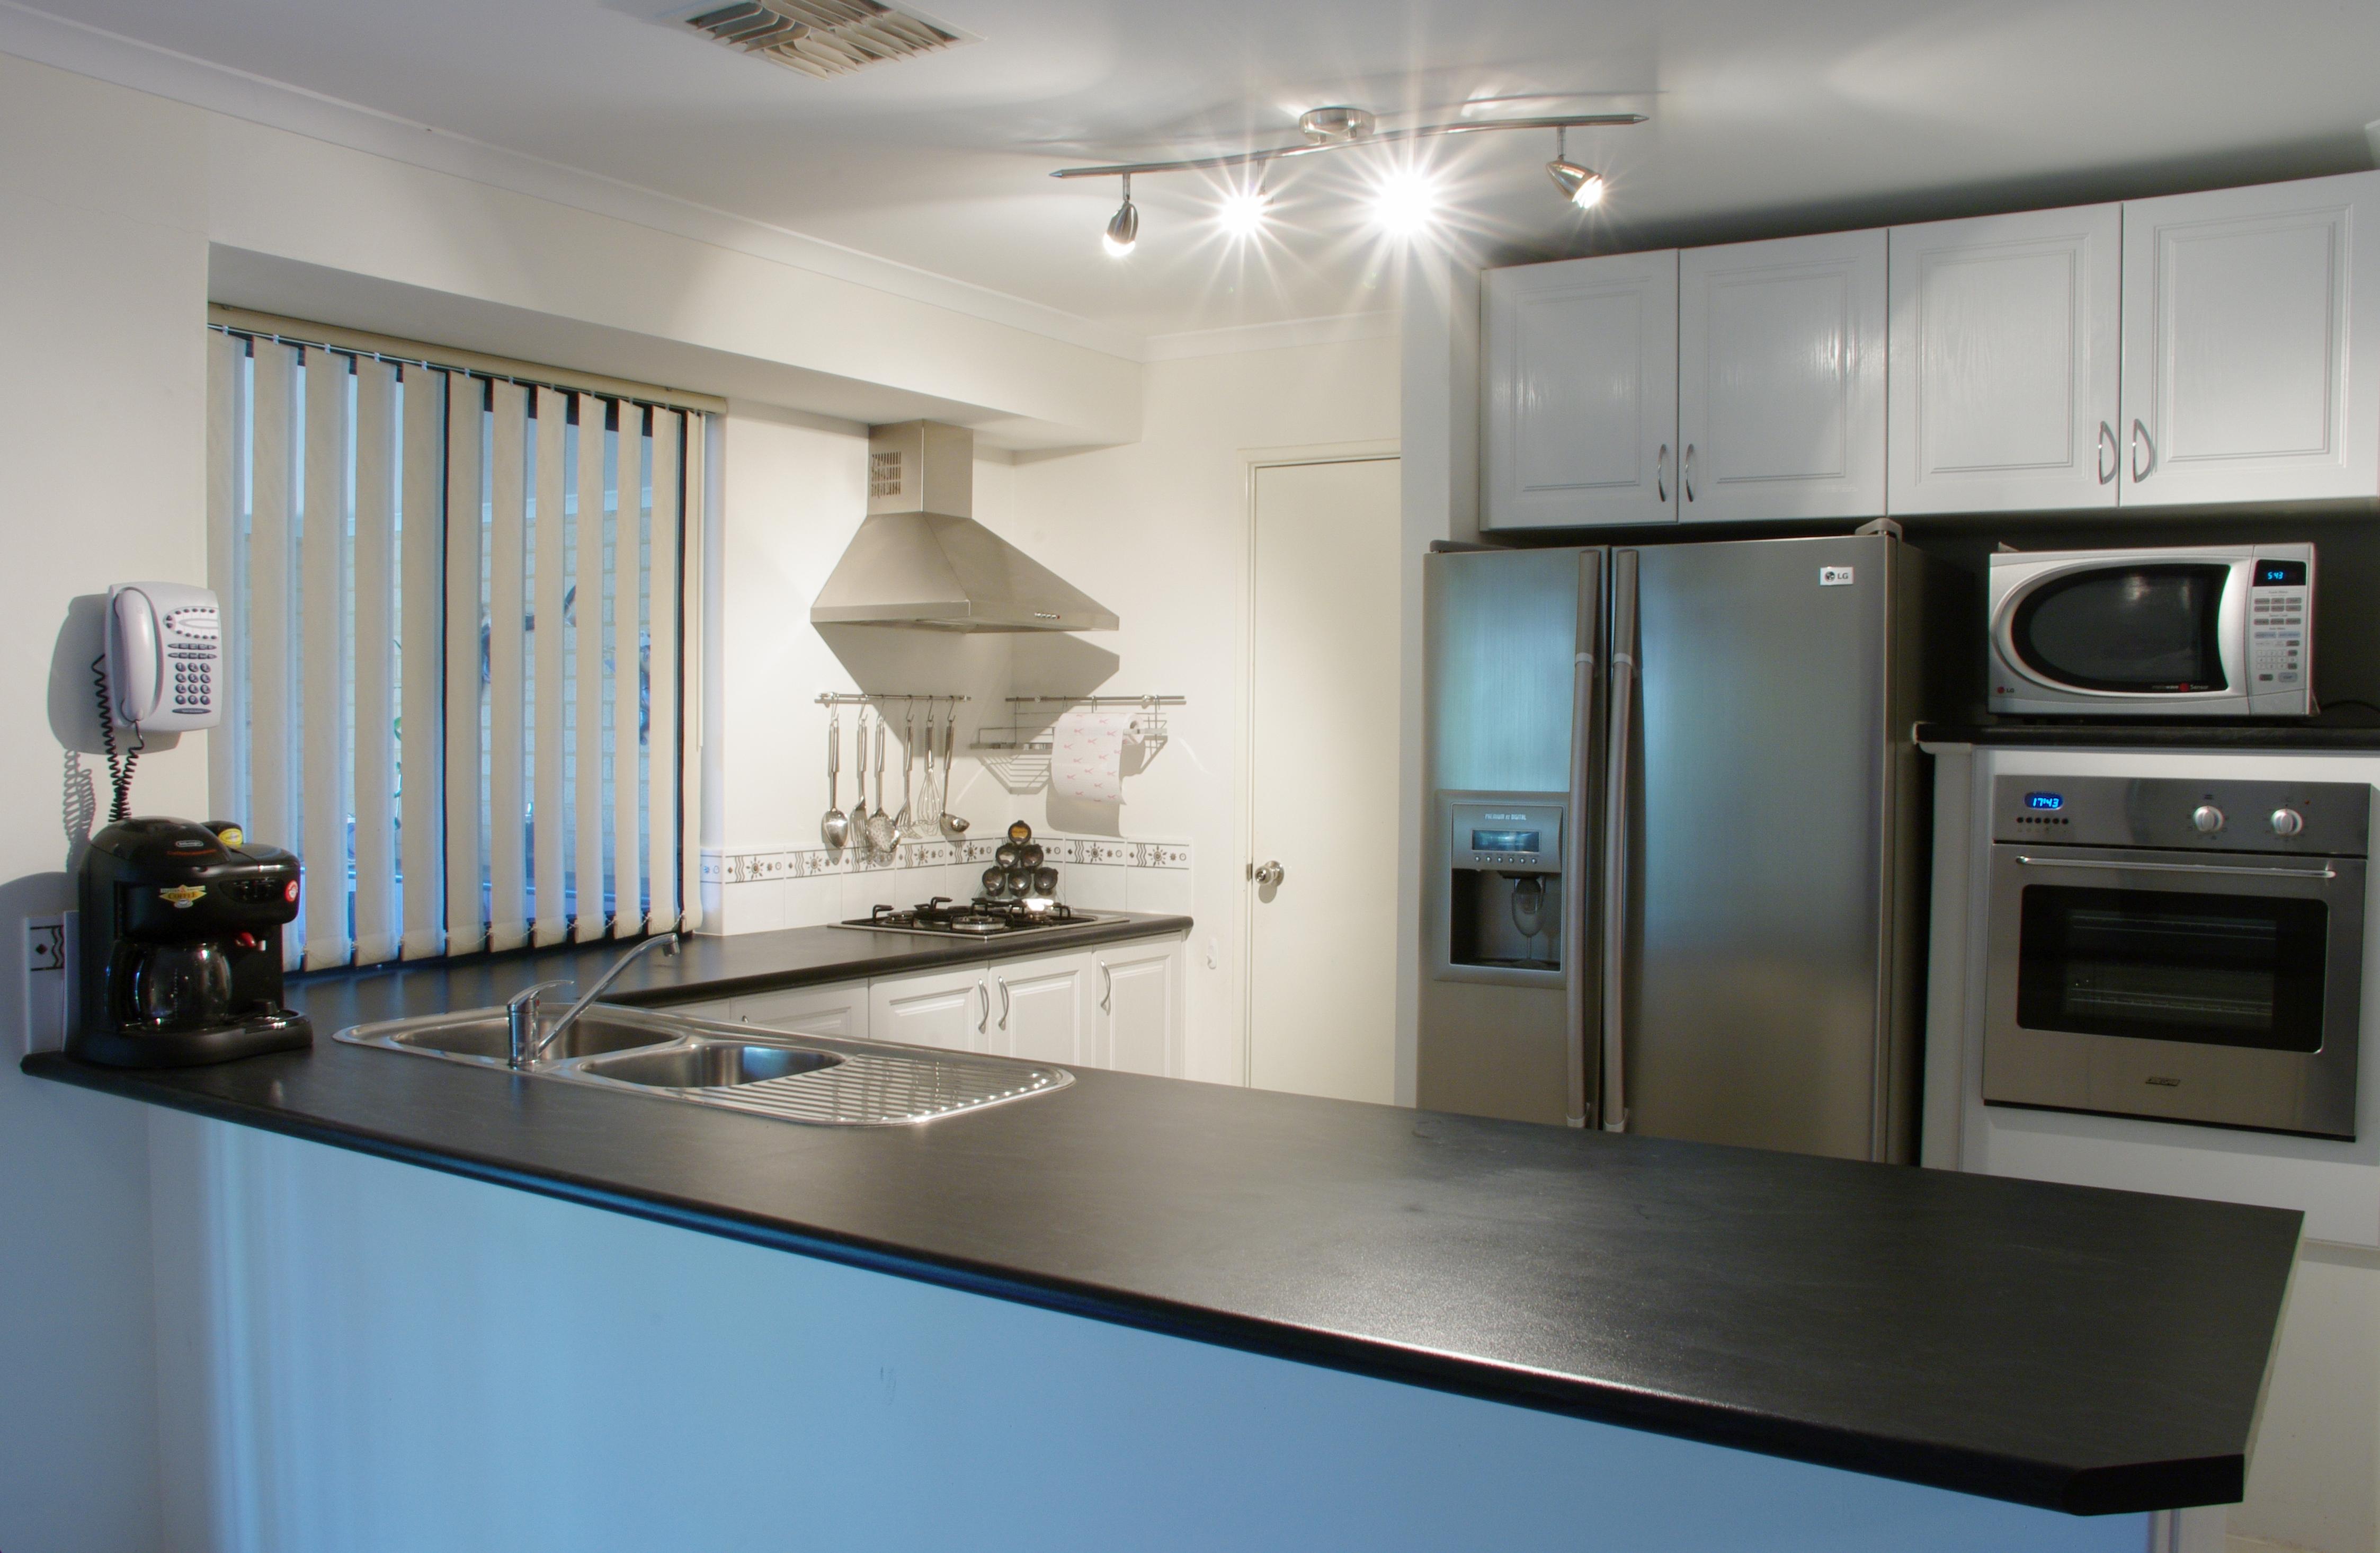 Kitchen cabinet door storage Photo - 3